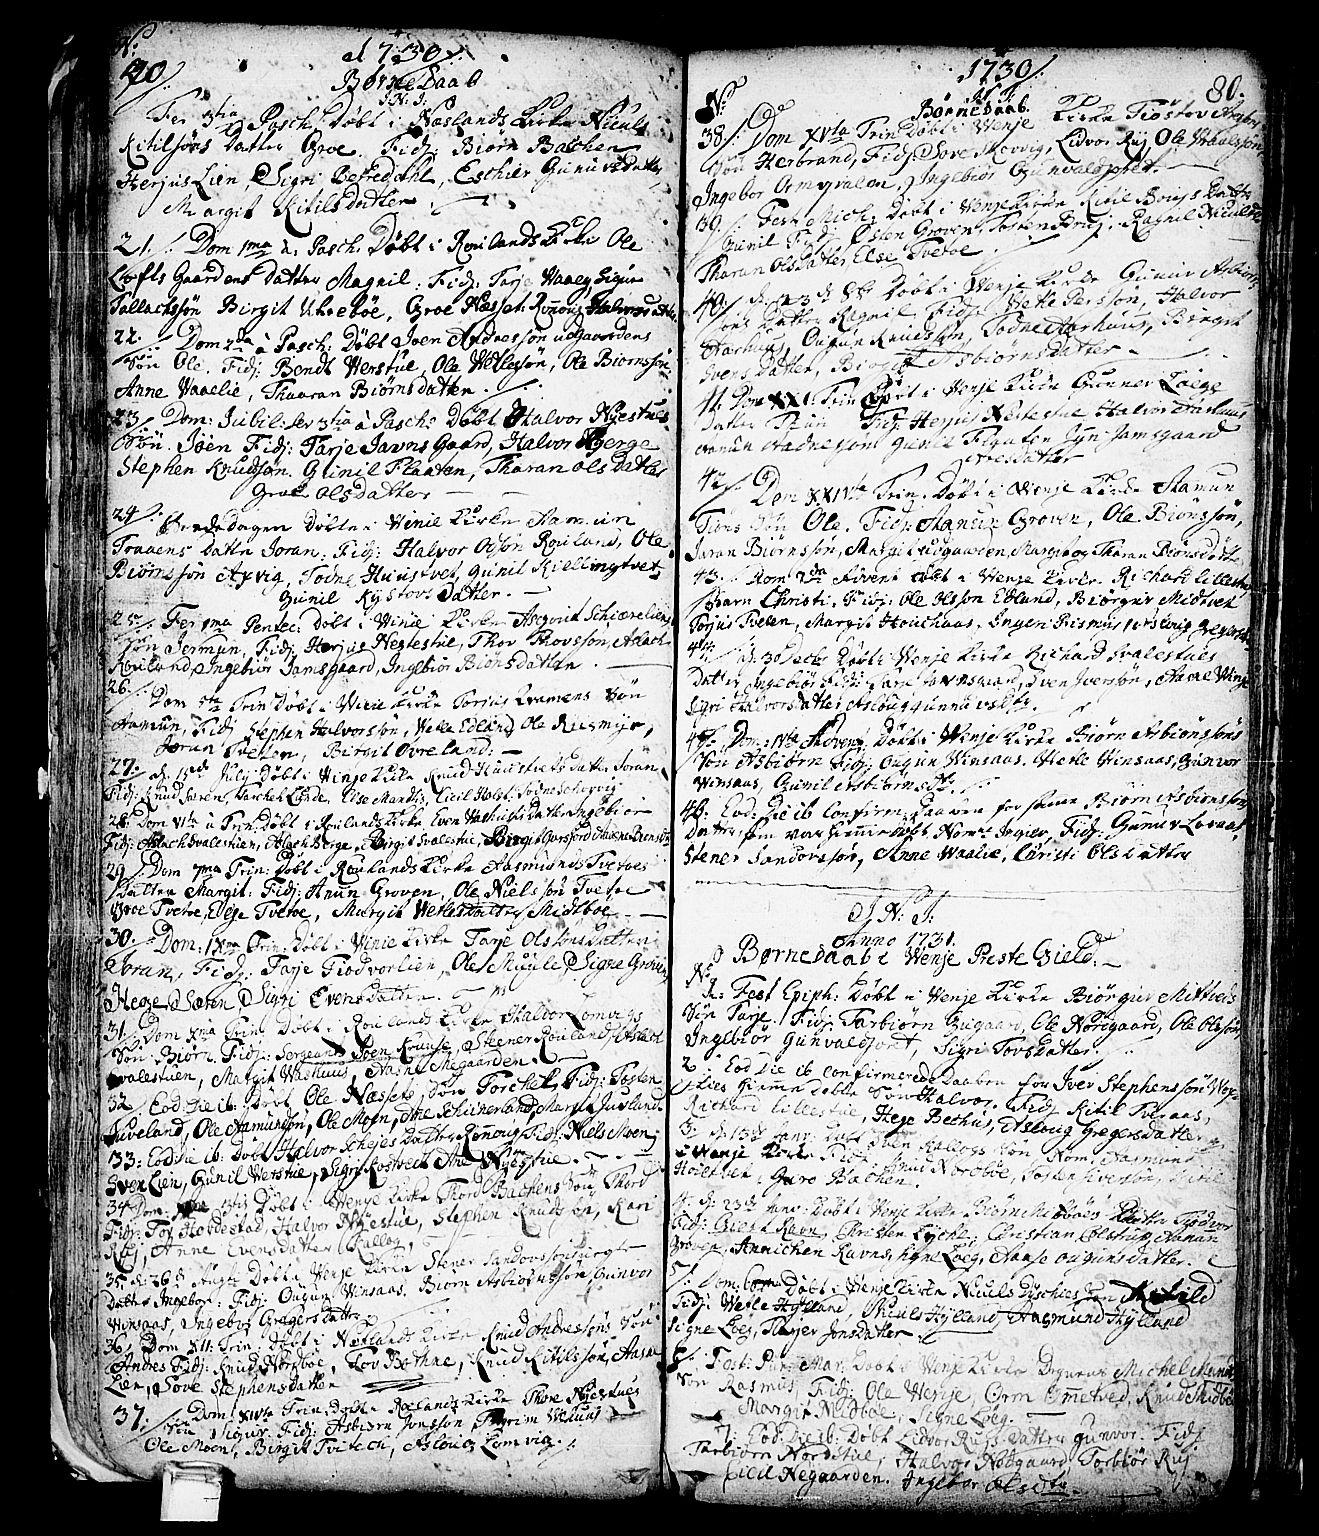 SAKO, Vinje kirkebøker, F/Fa/L0001: Ministerialbok nr. I 1, 1717-1766, s. 80